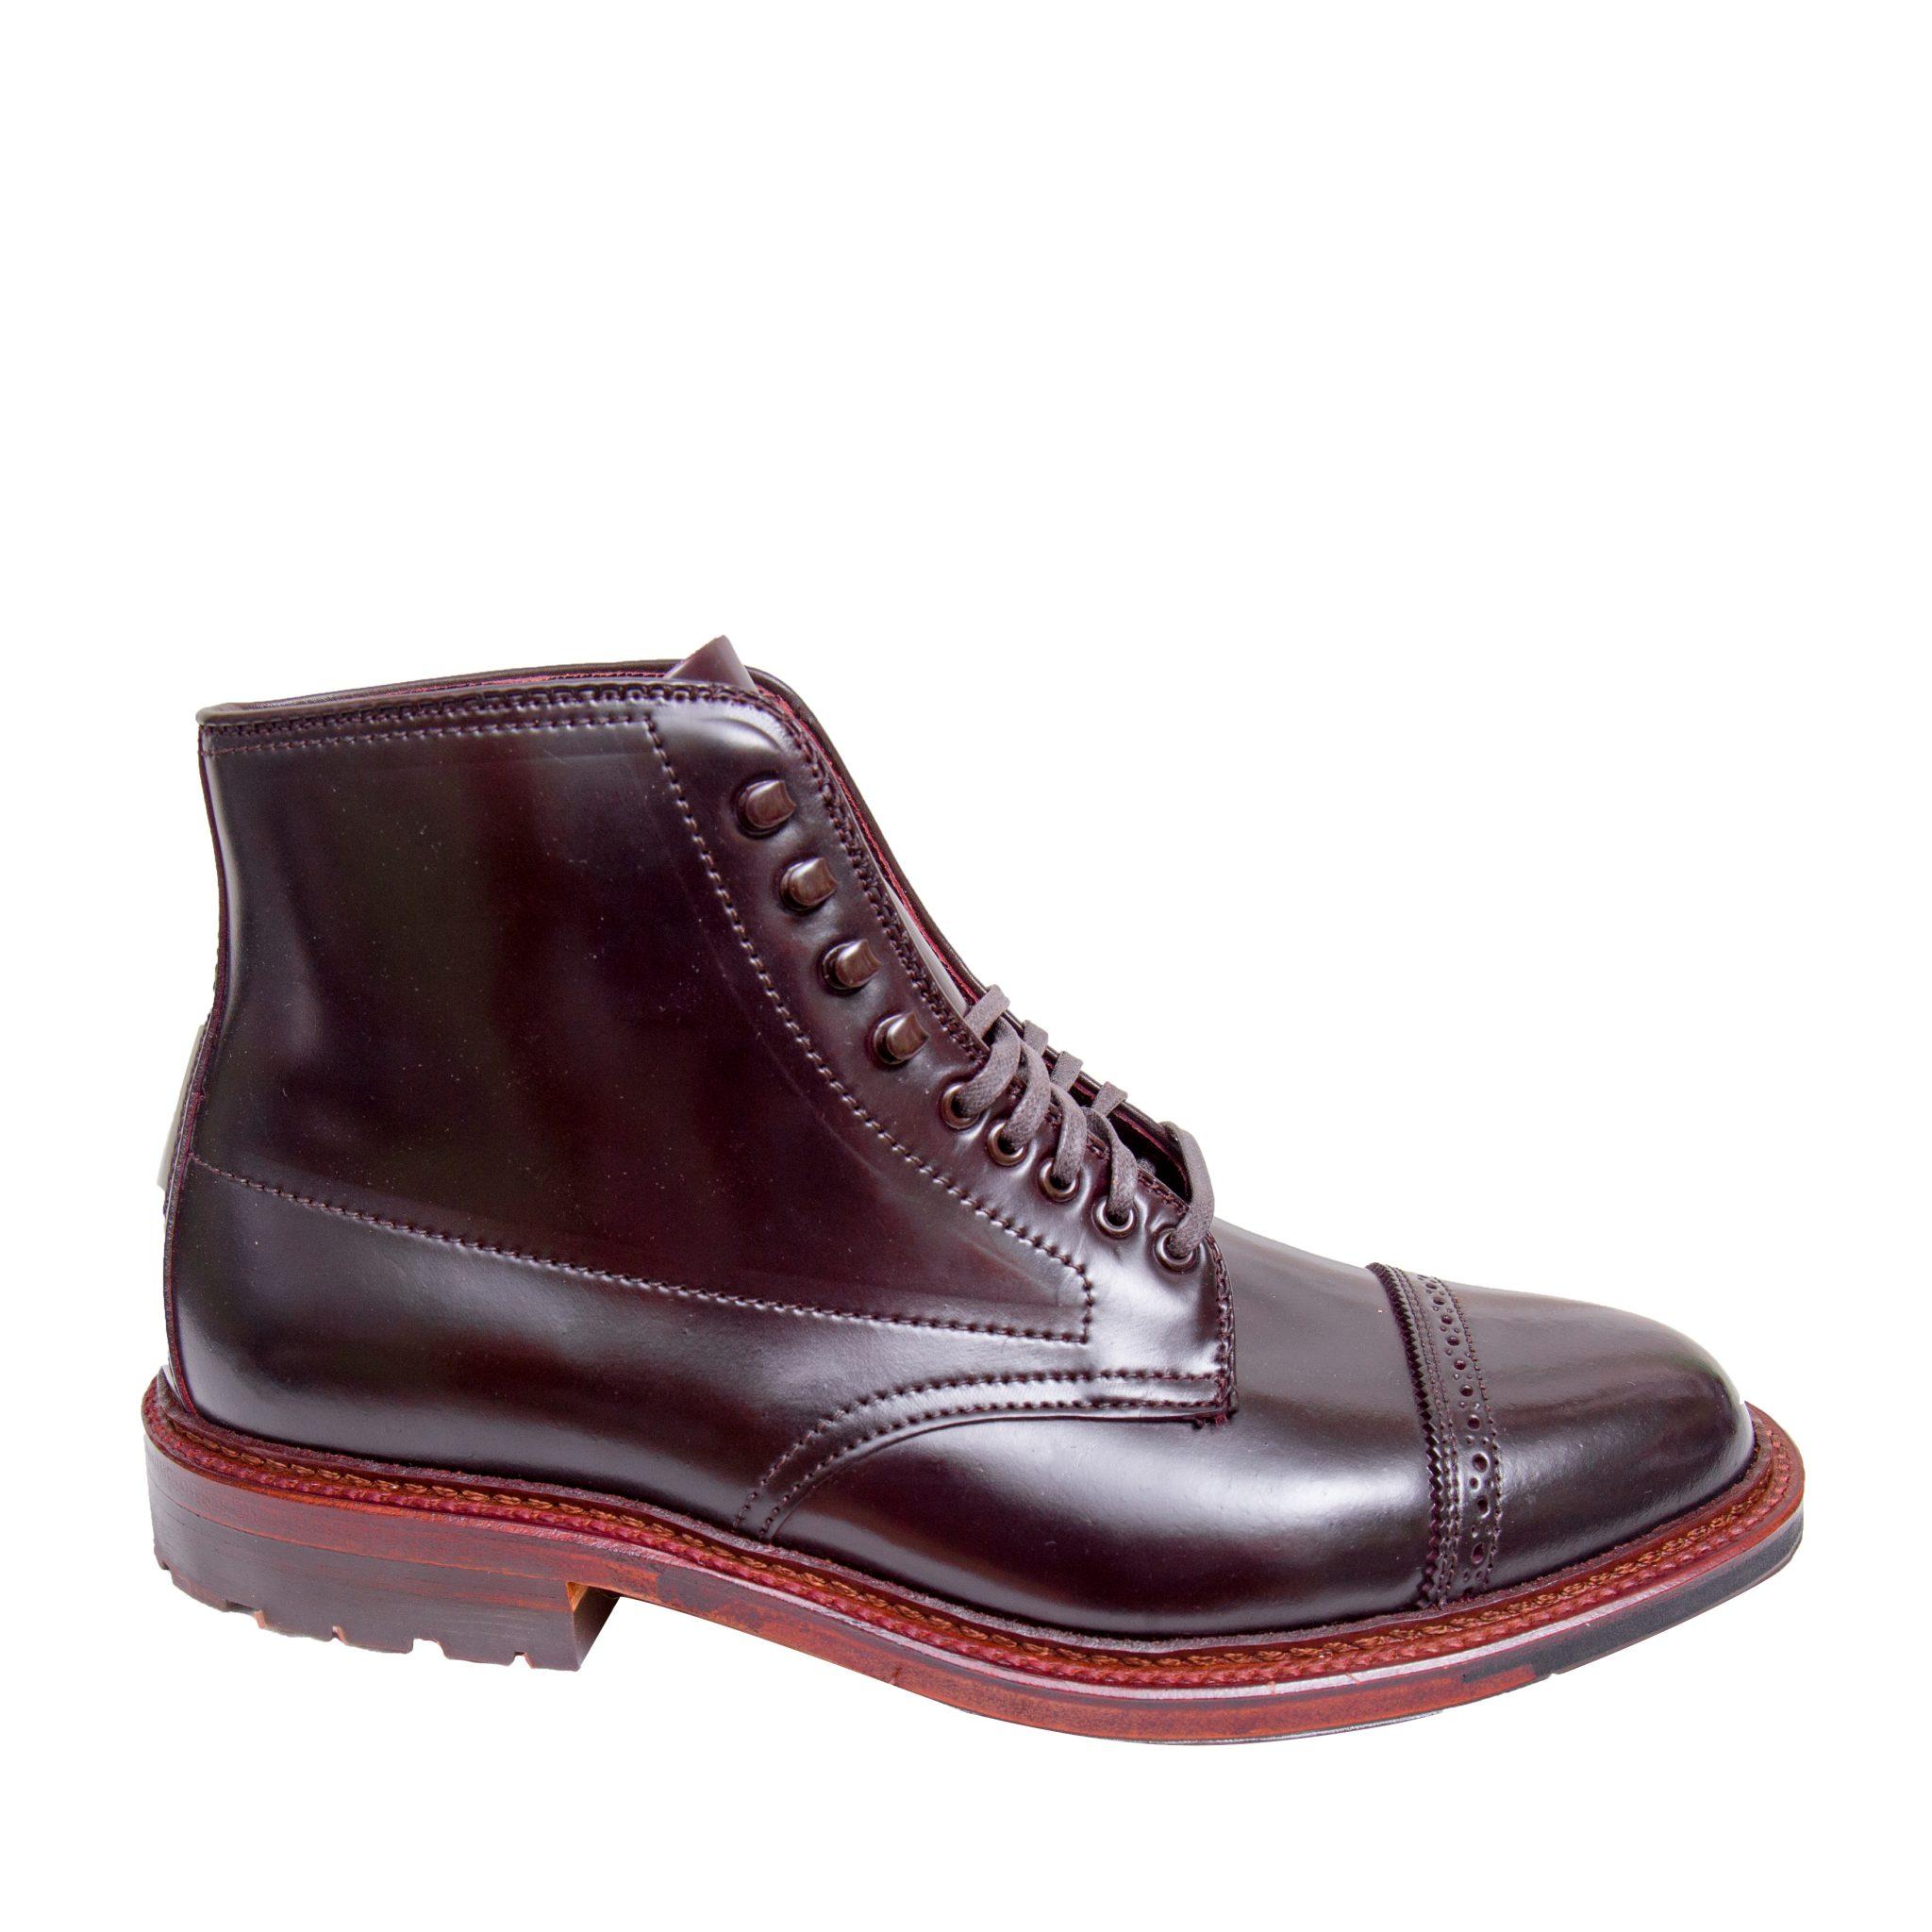 jumper boot color 8